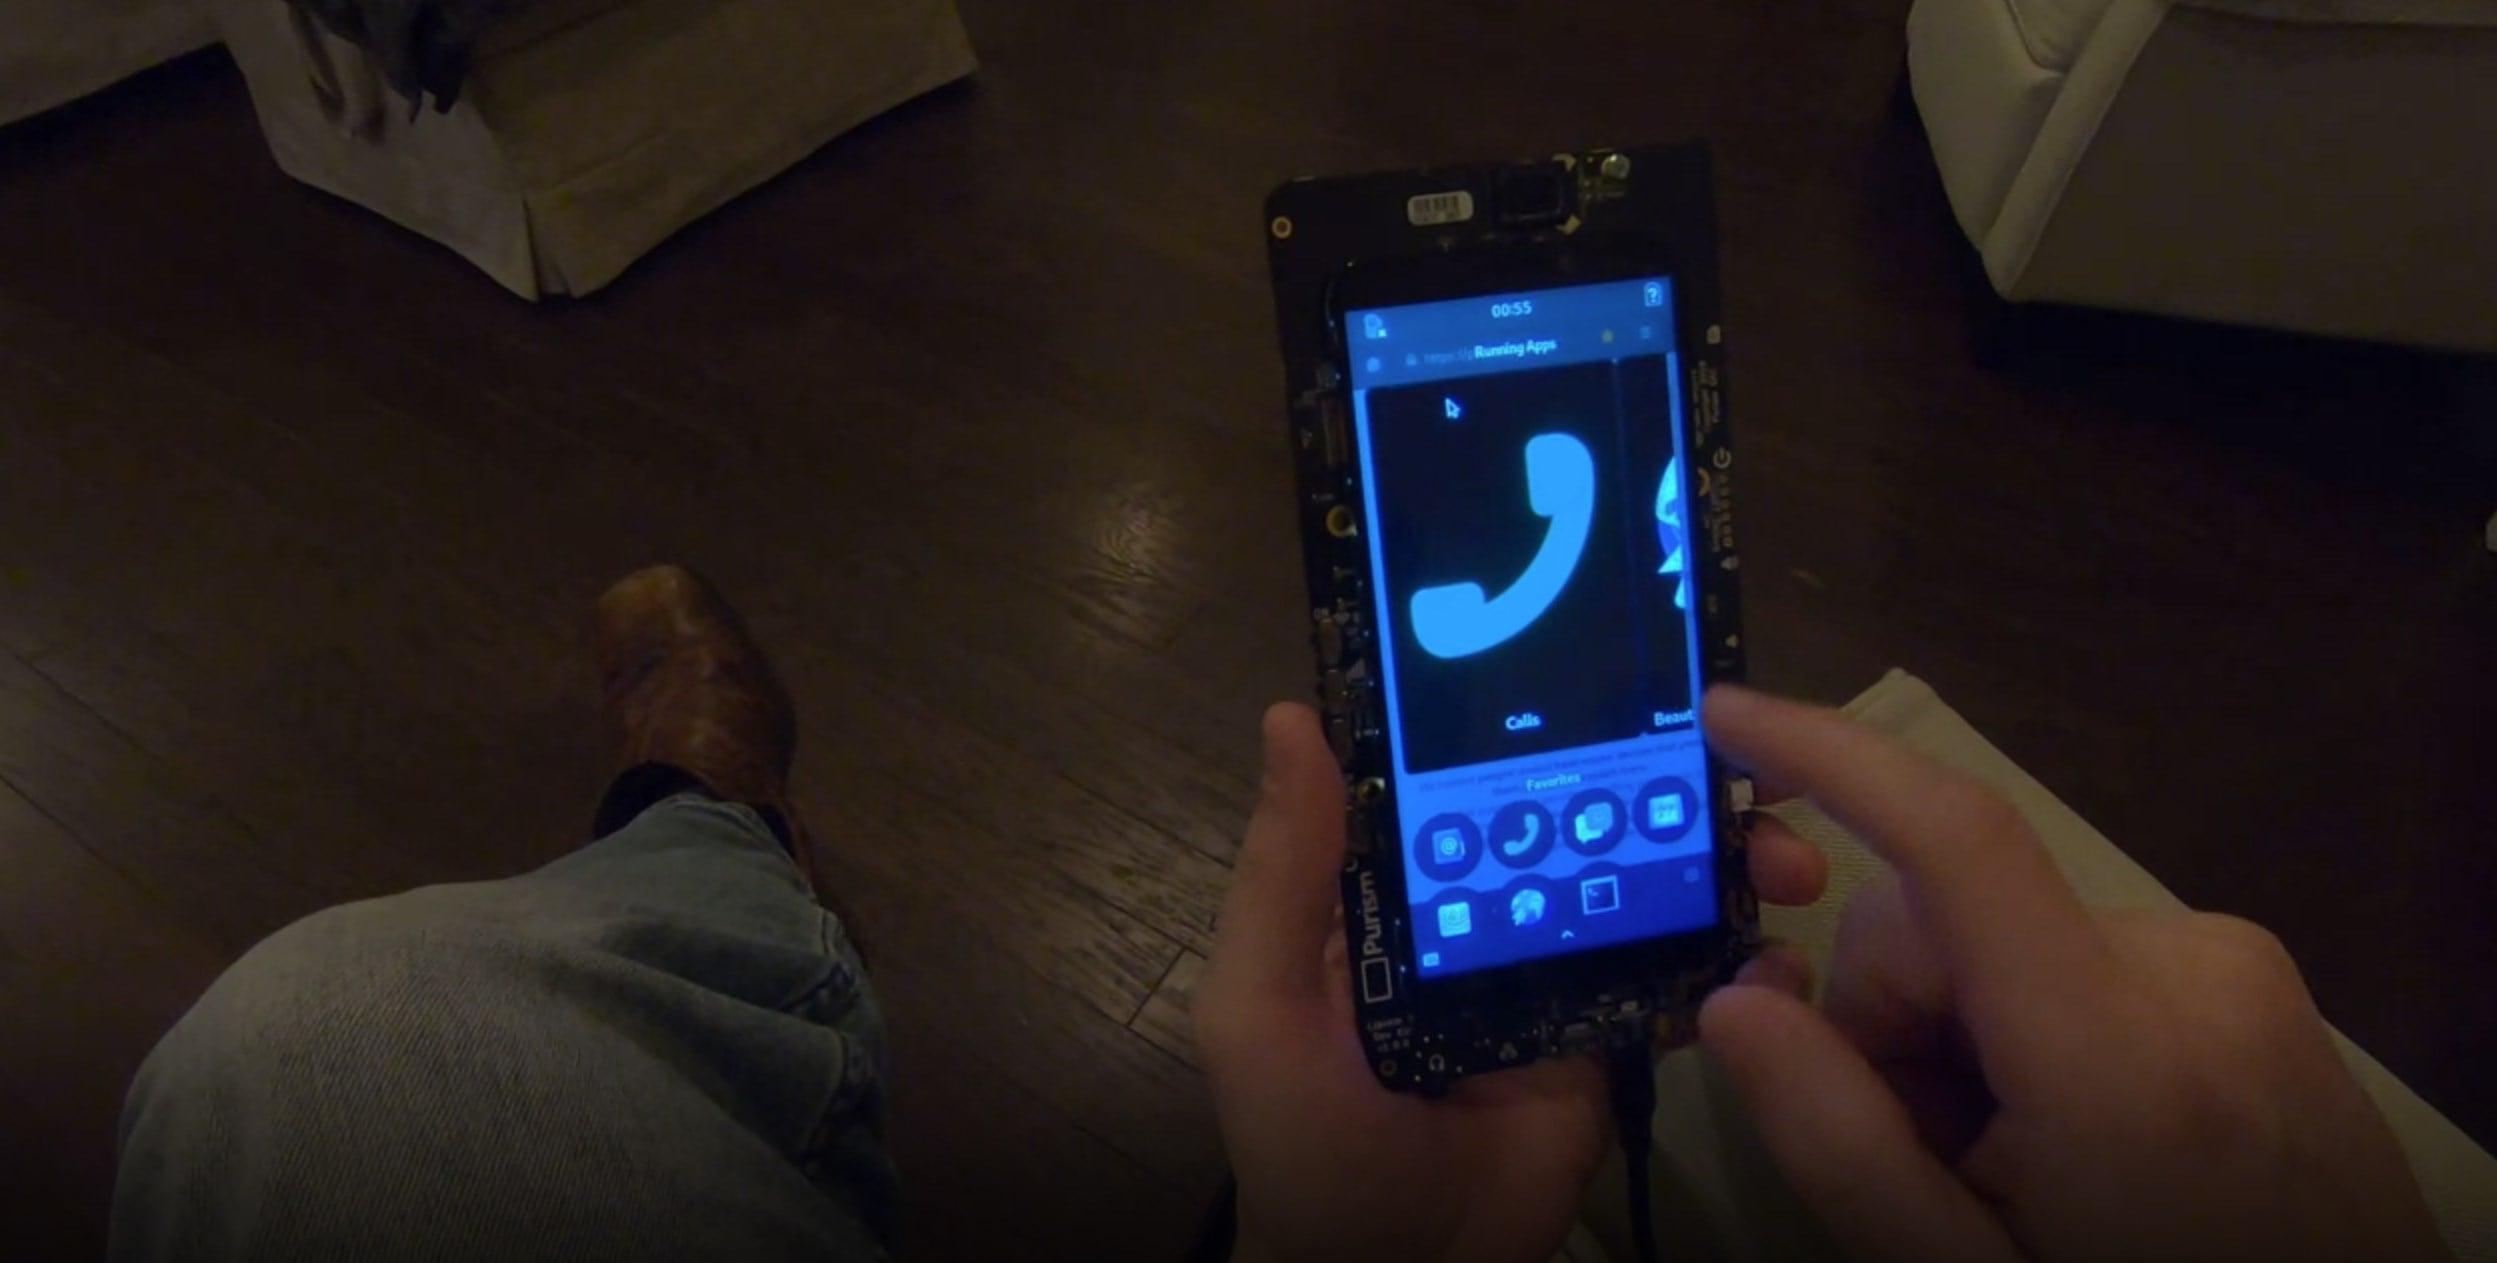 Projekt Librem 5: znamy pełną specyfikację, producent ponownie opóźnił dostawę smartfona